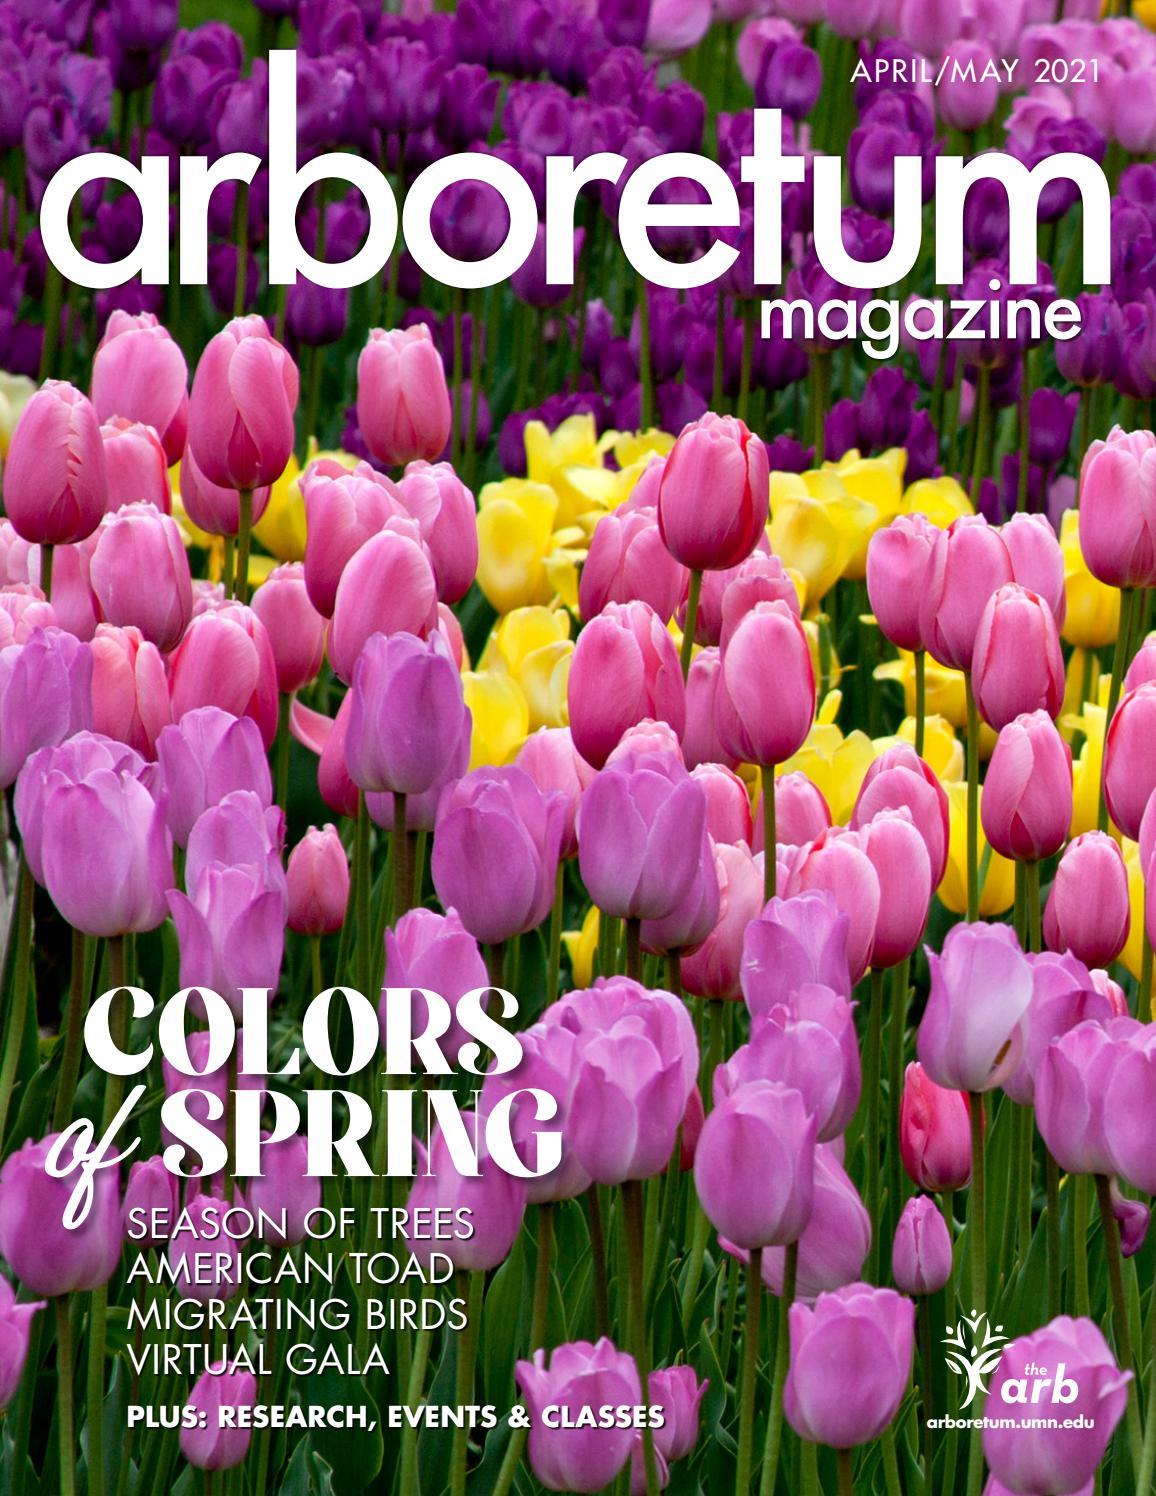 Umn Calendar 2022.Mn Arboretum Magazine Apr May 2021 By Minnesota Landscape Arboretum Issuu